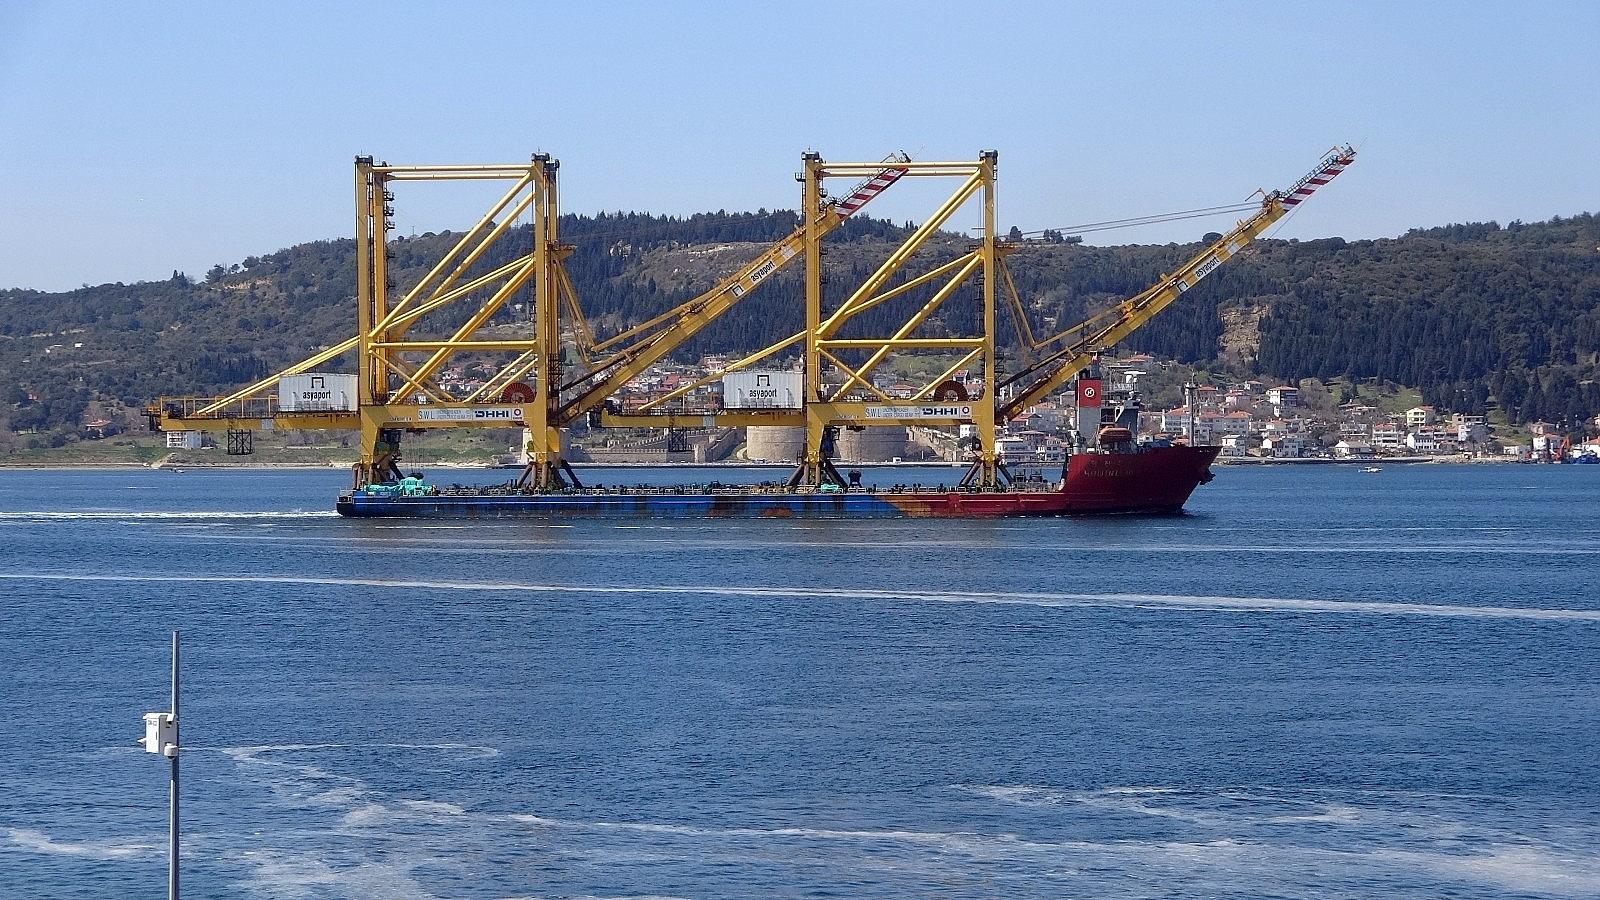 2021/03/liman-vinci-tasiyan-gemi-canakkale-bogazindan-gecti-20210328AW27-2.jpg